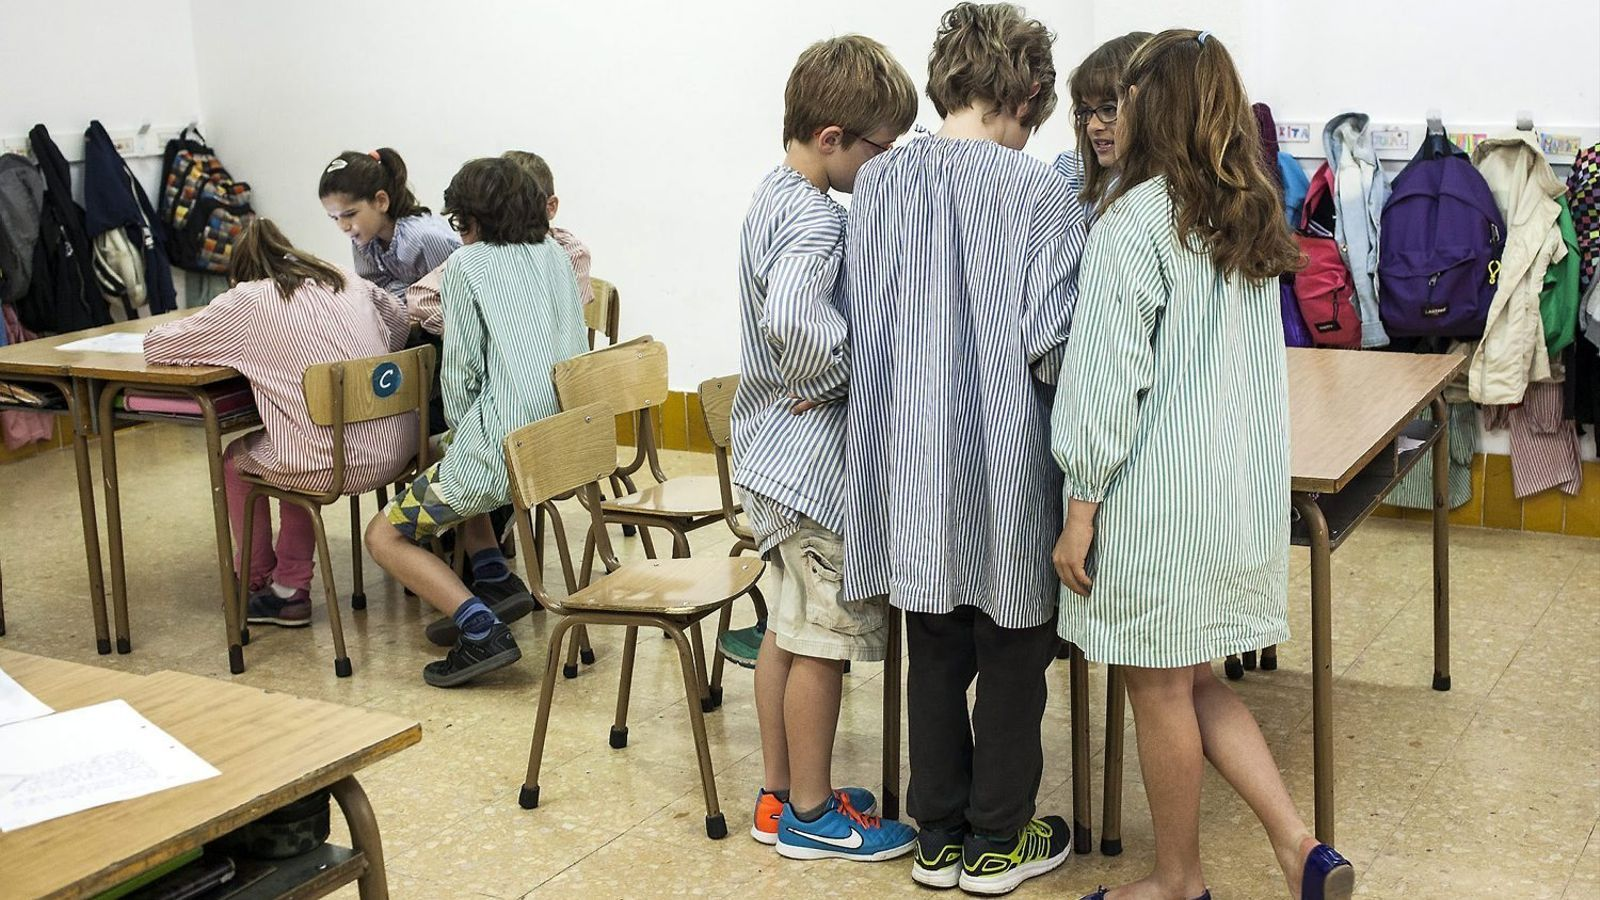 la revoluci de l escola del segle xxi. Black Bedroom Furniture Sets. Home Design Ideas